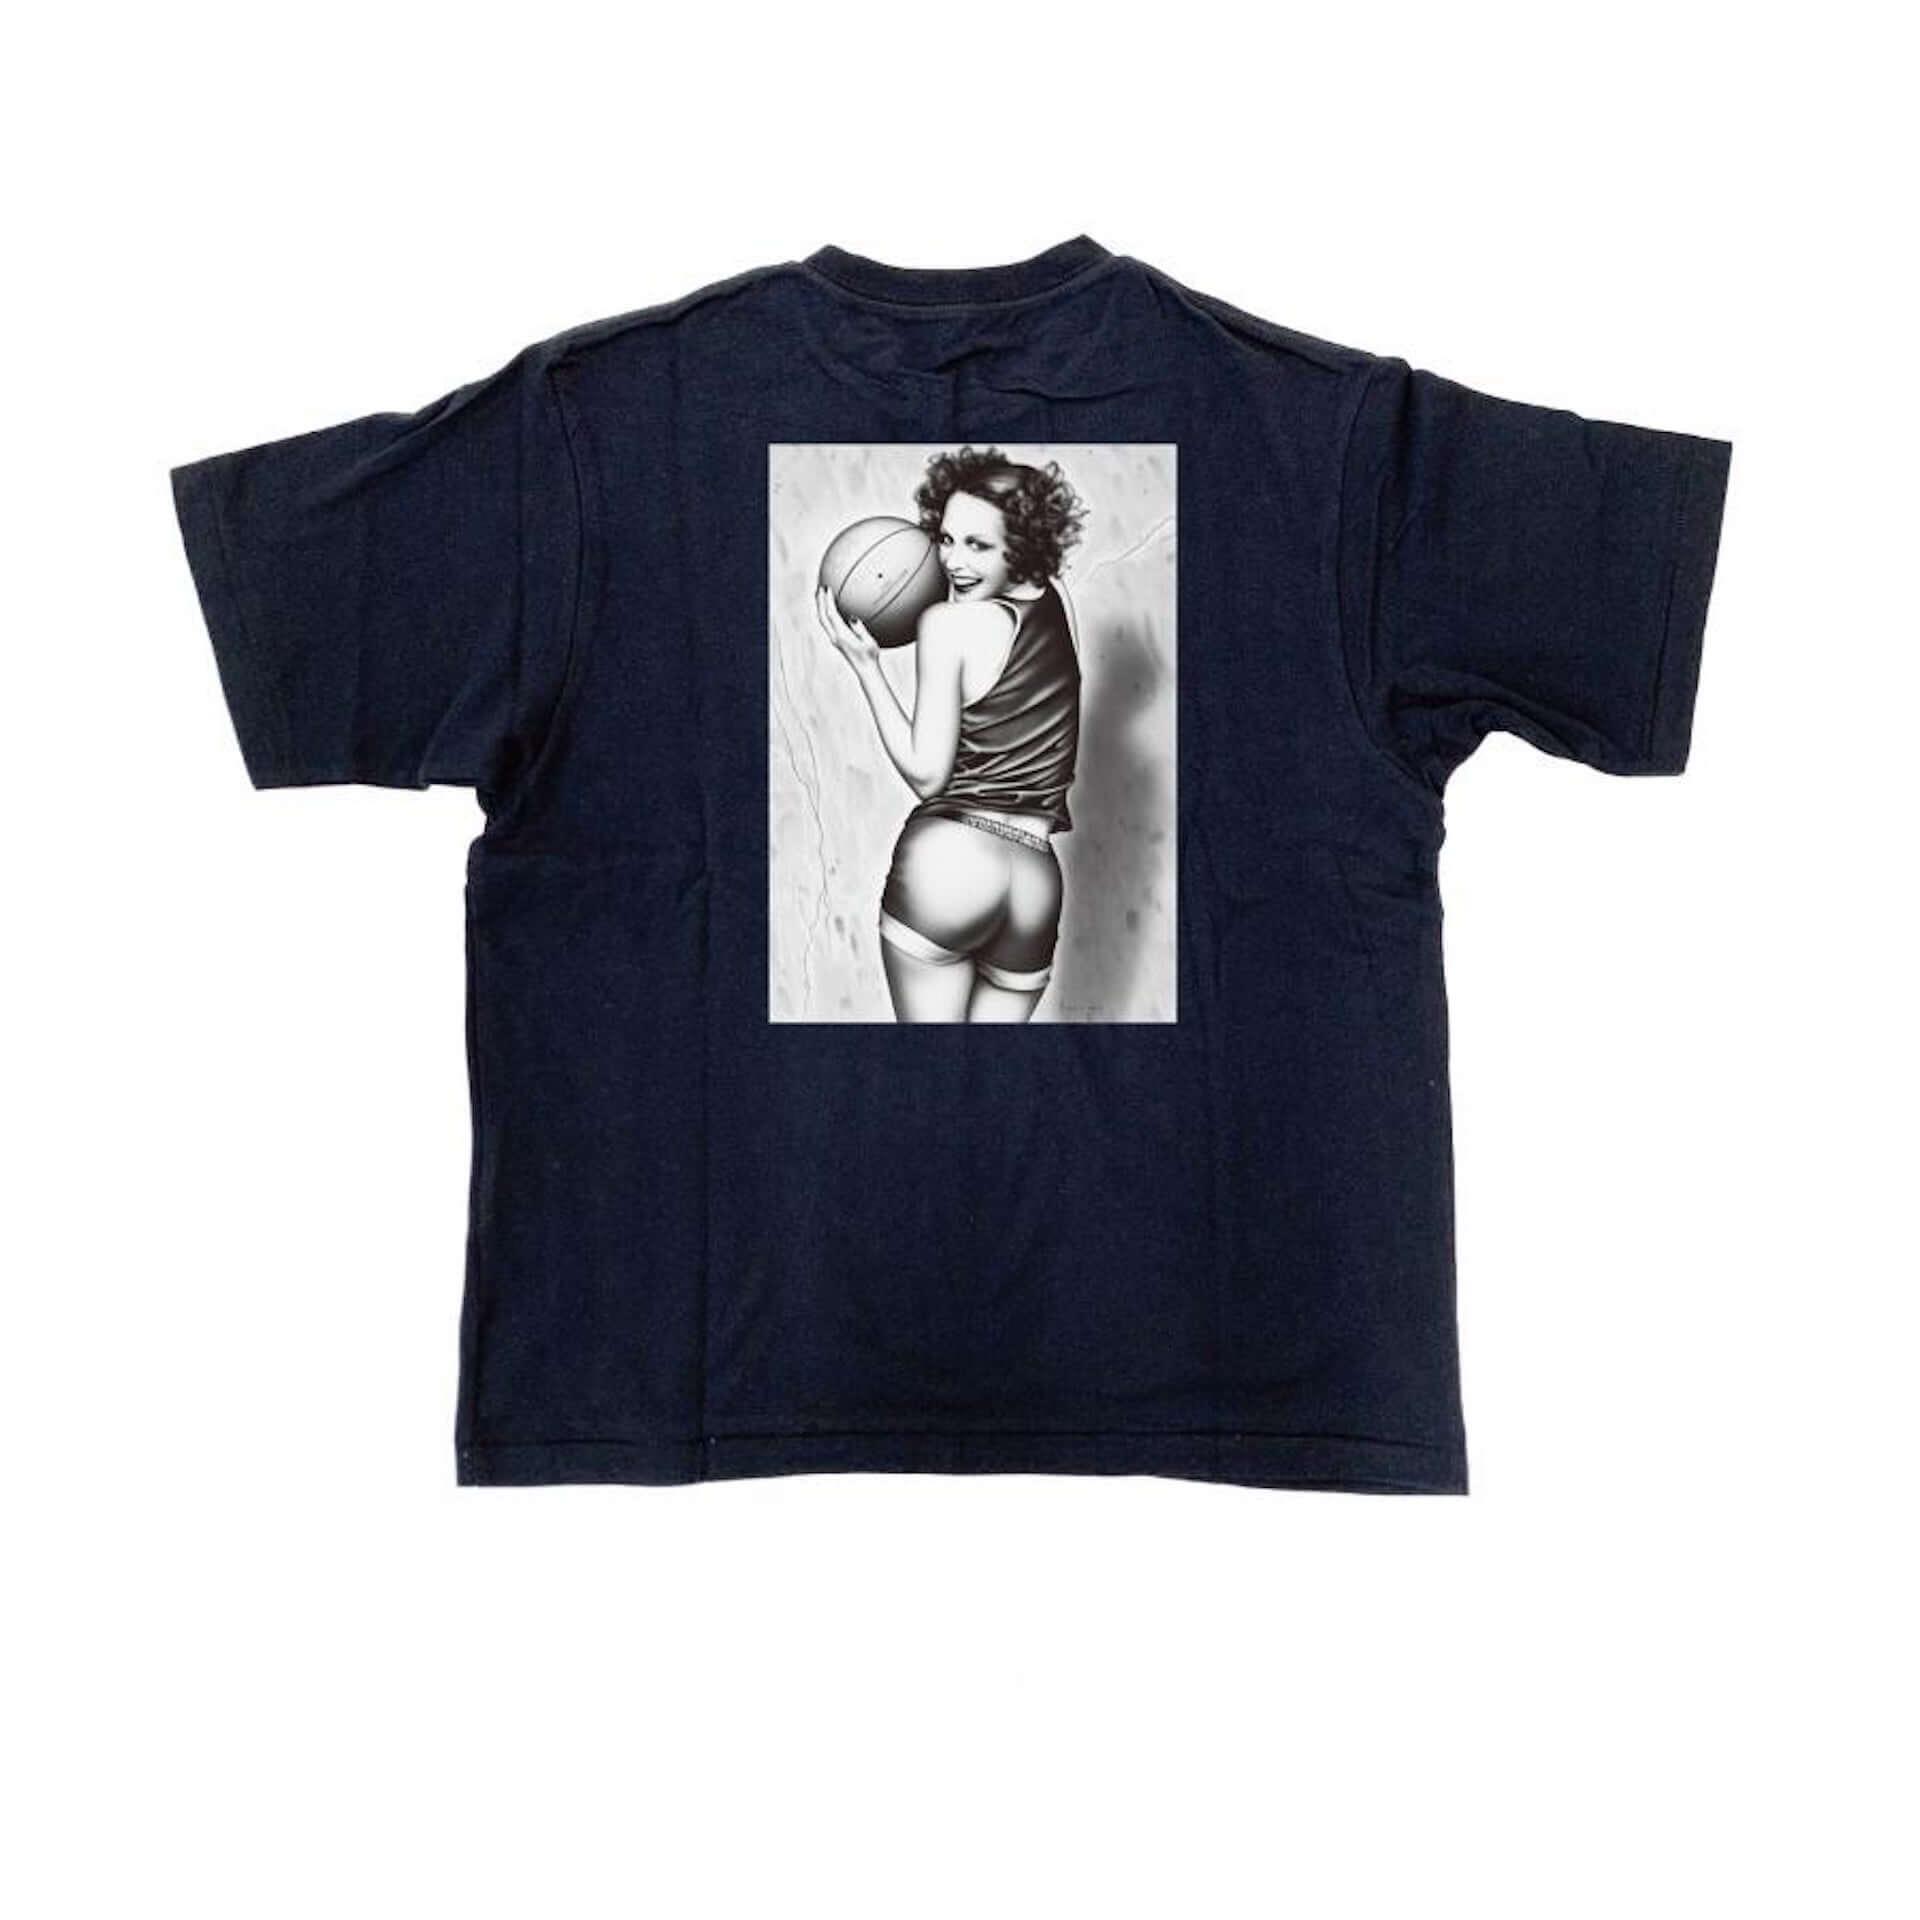 山口はるみ、空山基も参加!NANZUKA<GLOBAL POP UNDERGROUND>の限定Tシャツがリリース|オンライン展示も開始 art200715_parco_gpu_5-1920x1920